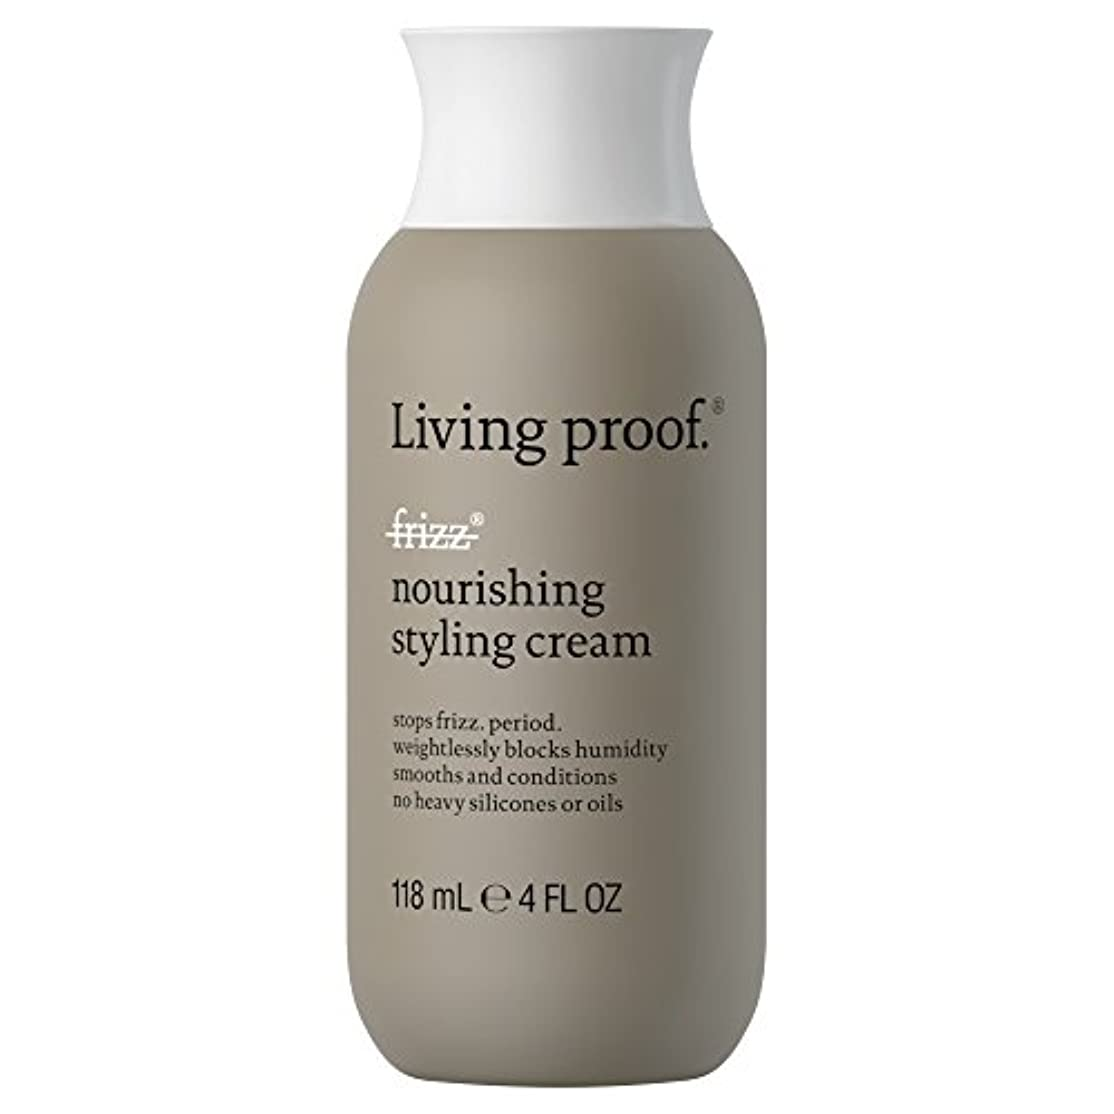 生きている証拠なし縮れ栄養スタイリングクリーム118ミリリットル (Living Proof) - Living Proof No Frizz Nourishing Styling Cream 118ml [並行輸入品]